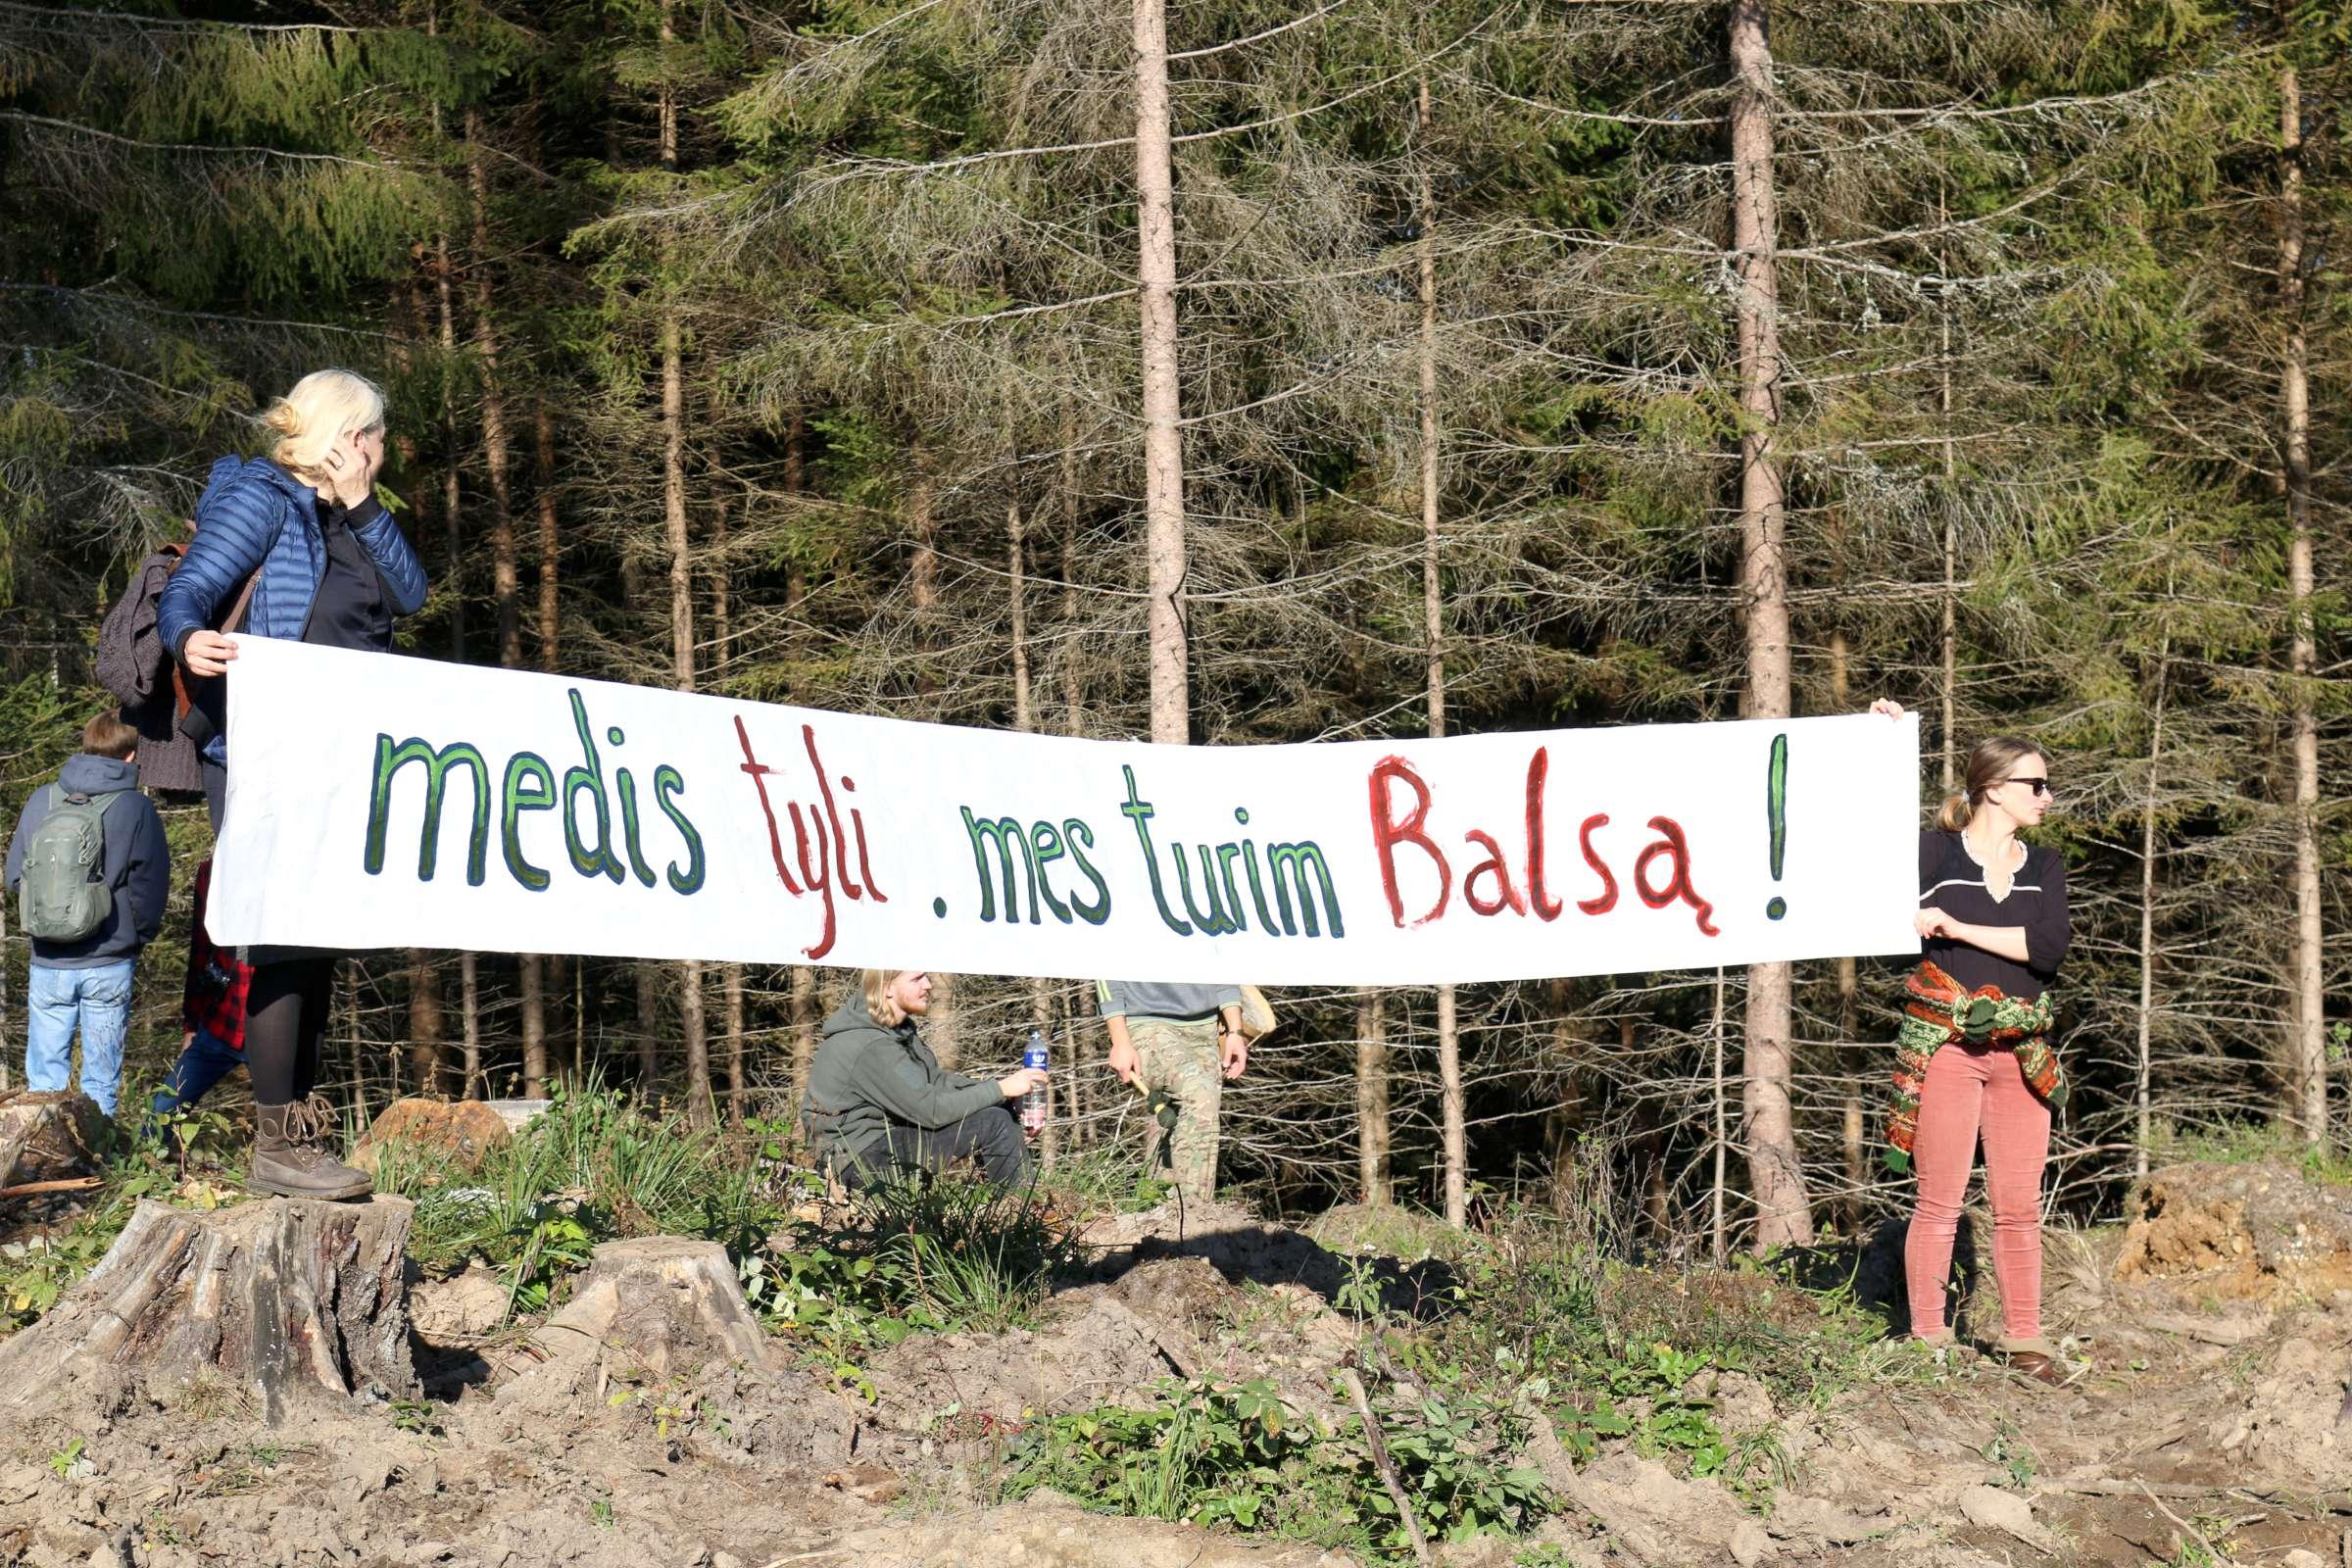 Žygis miškams išsaugoti | Alkas.lt, V. Balkutės nuotr.